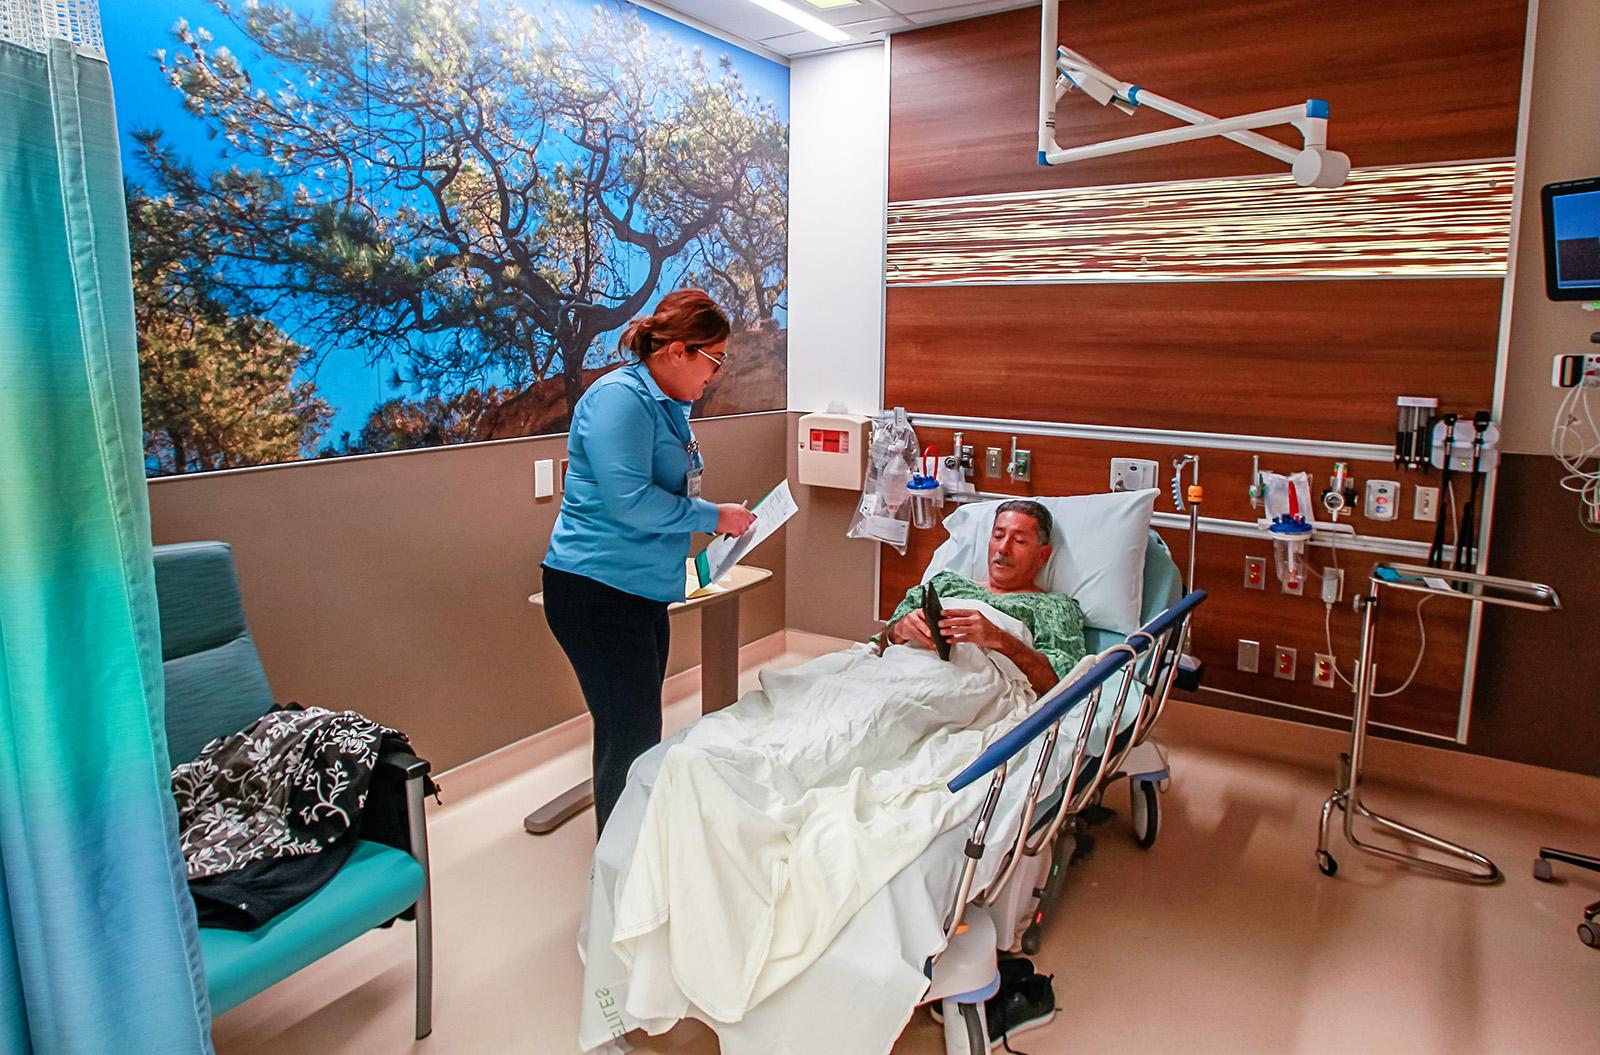 UC San Diego opens new senior-focused emergency unit